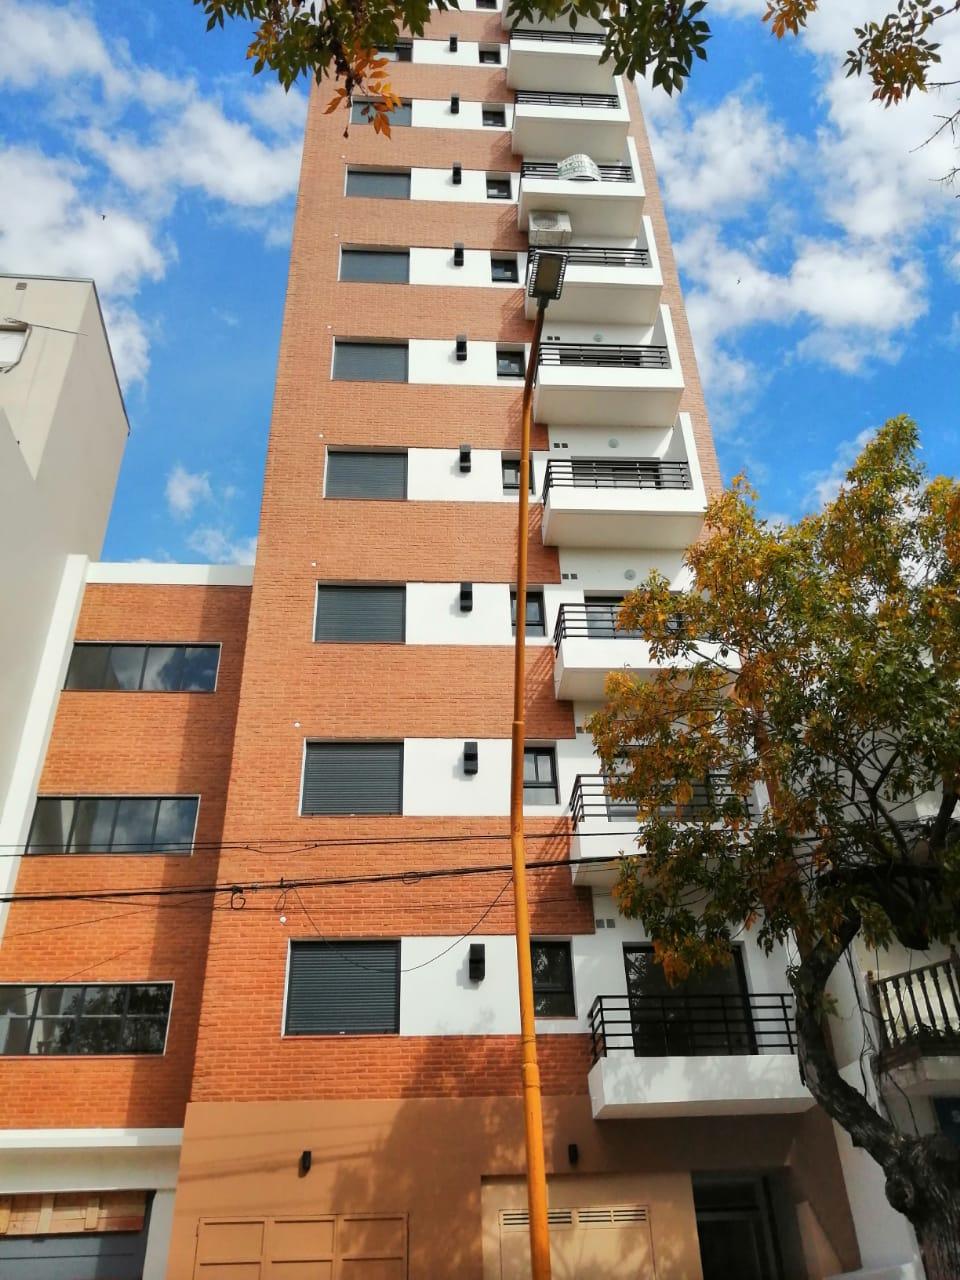 Corrientes 3219 P.10 D.A